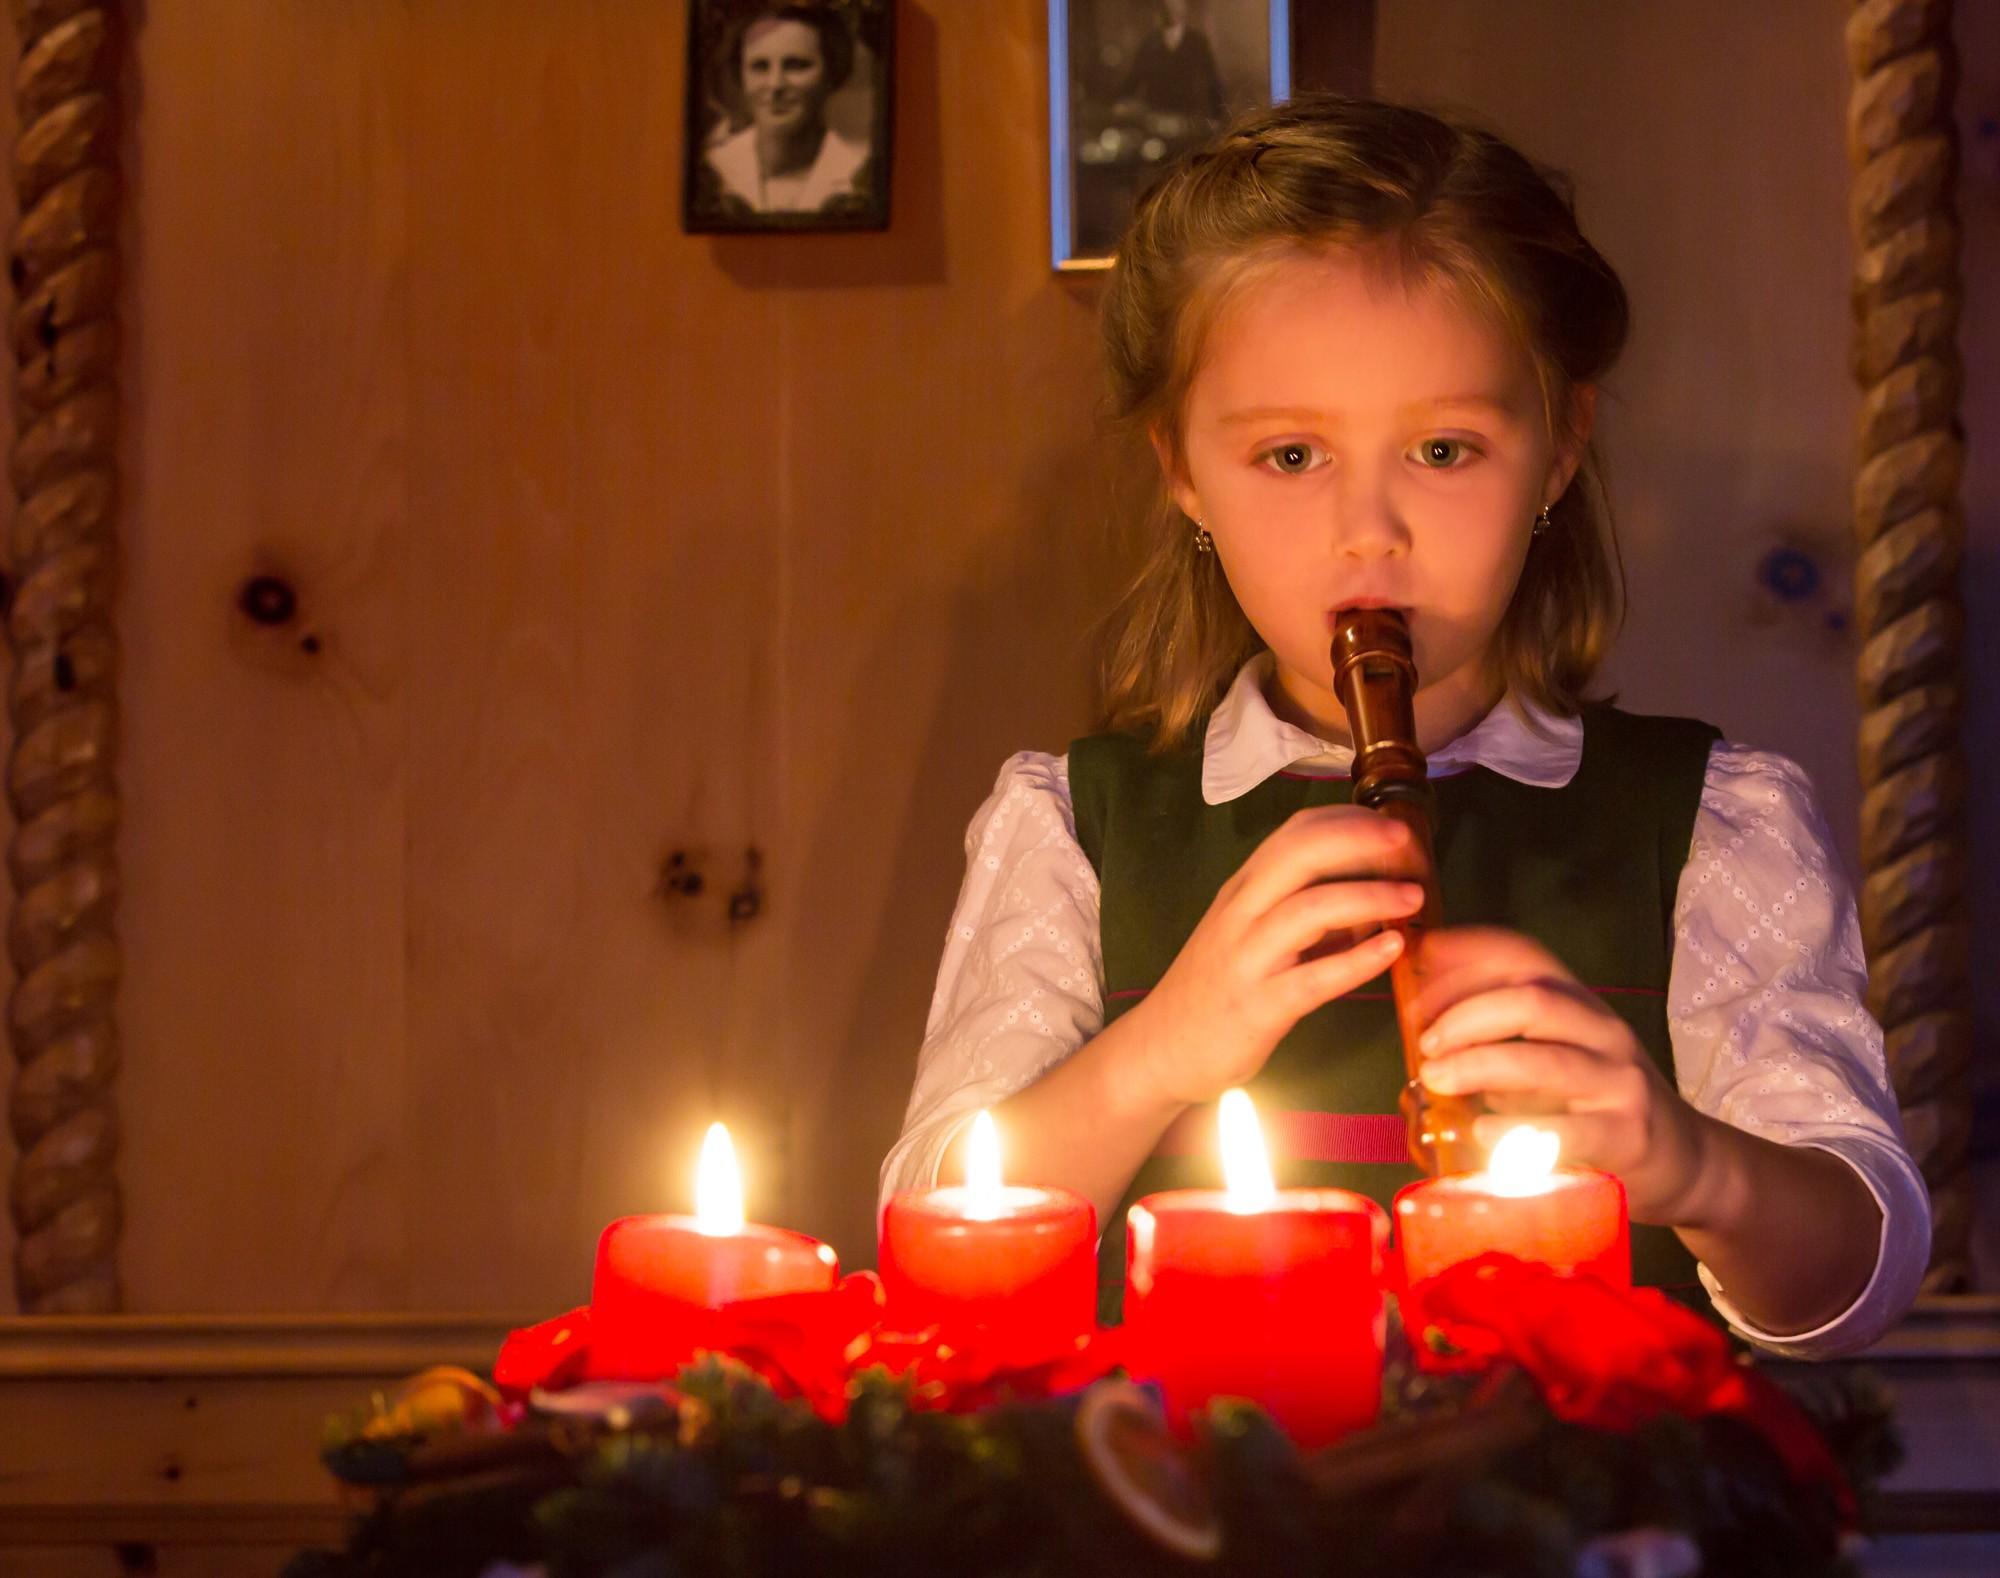 Flötenspielerin, Kind, Adventkranz, Kerzenschein, musizieren